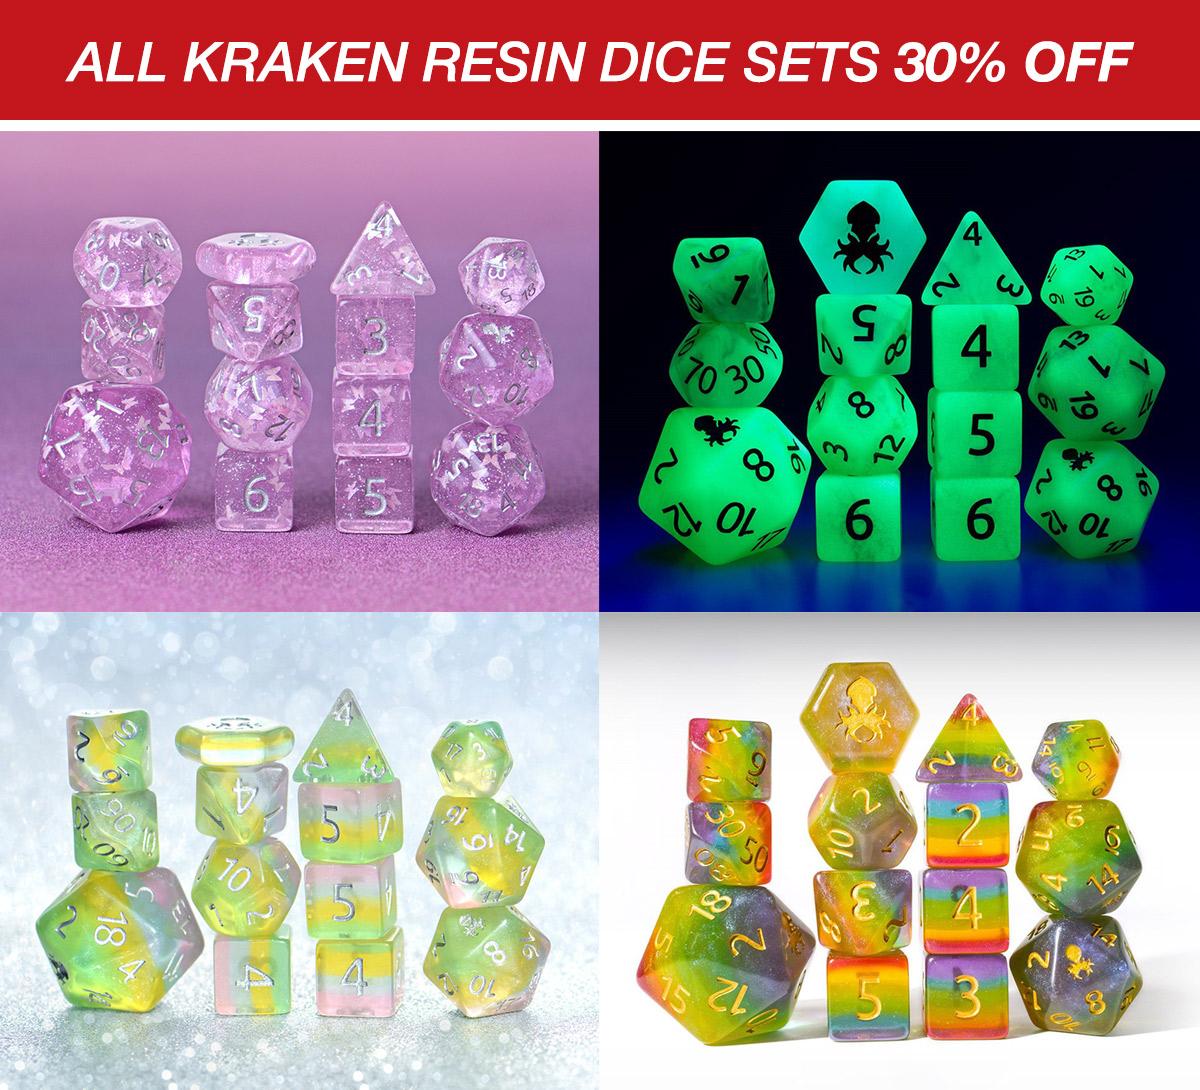 bf-deal-kraken-resin.jpg